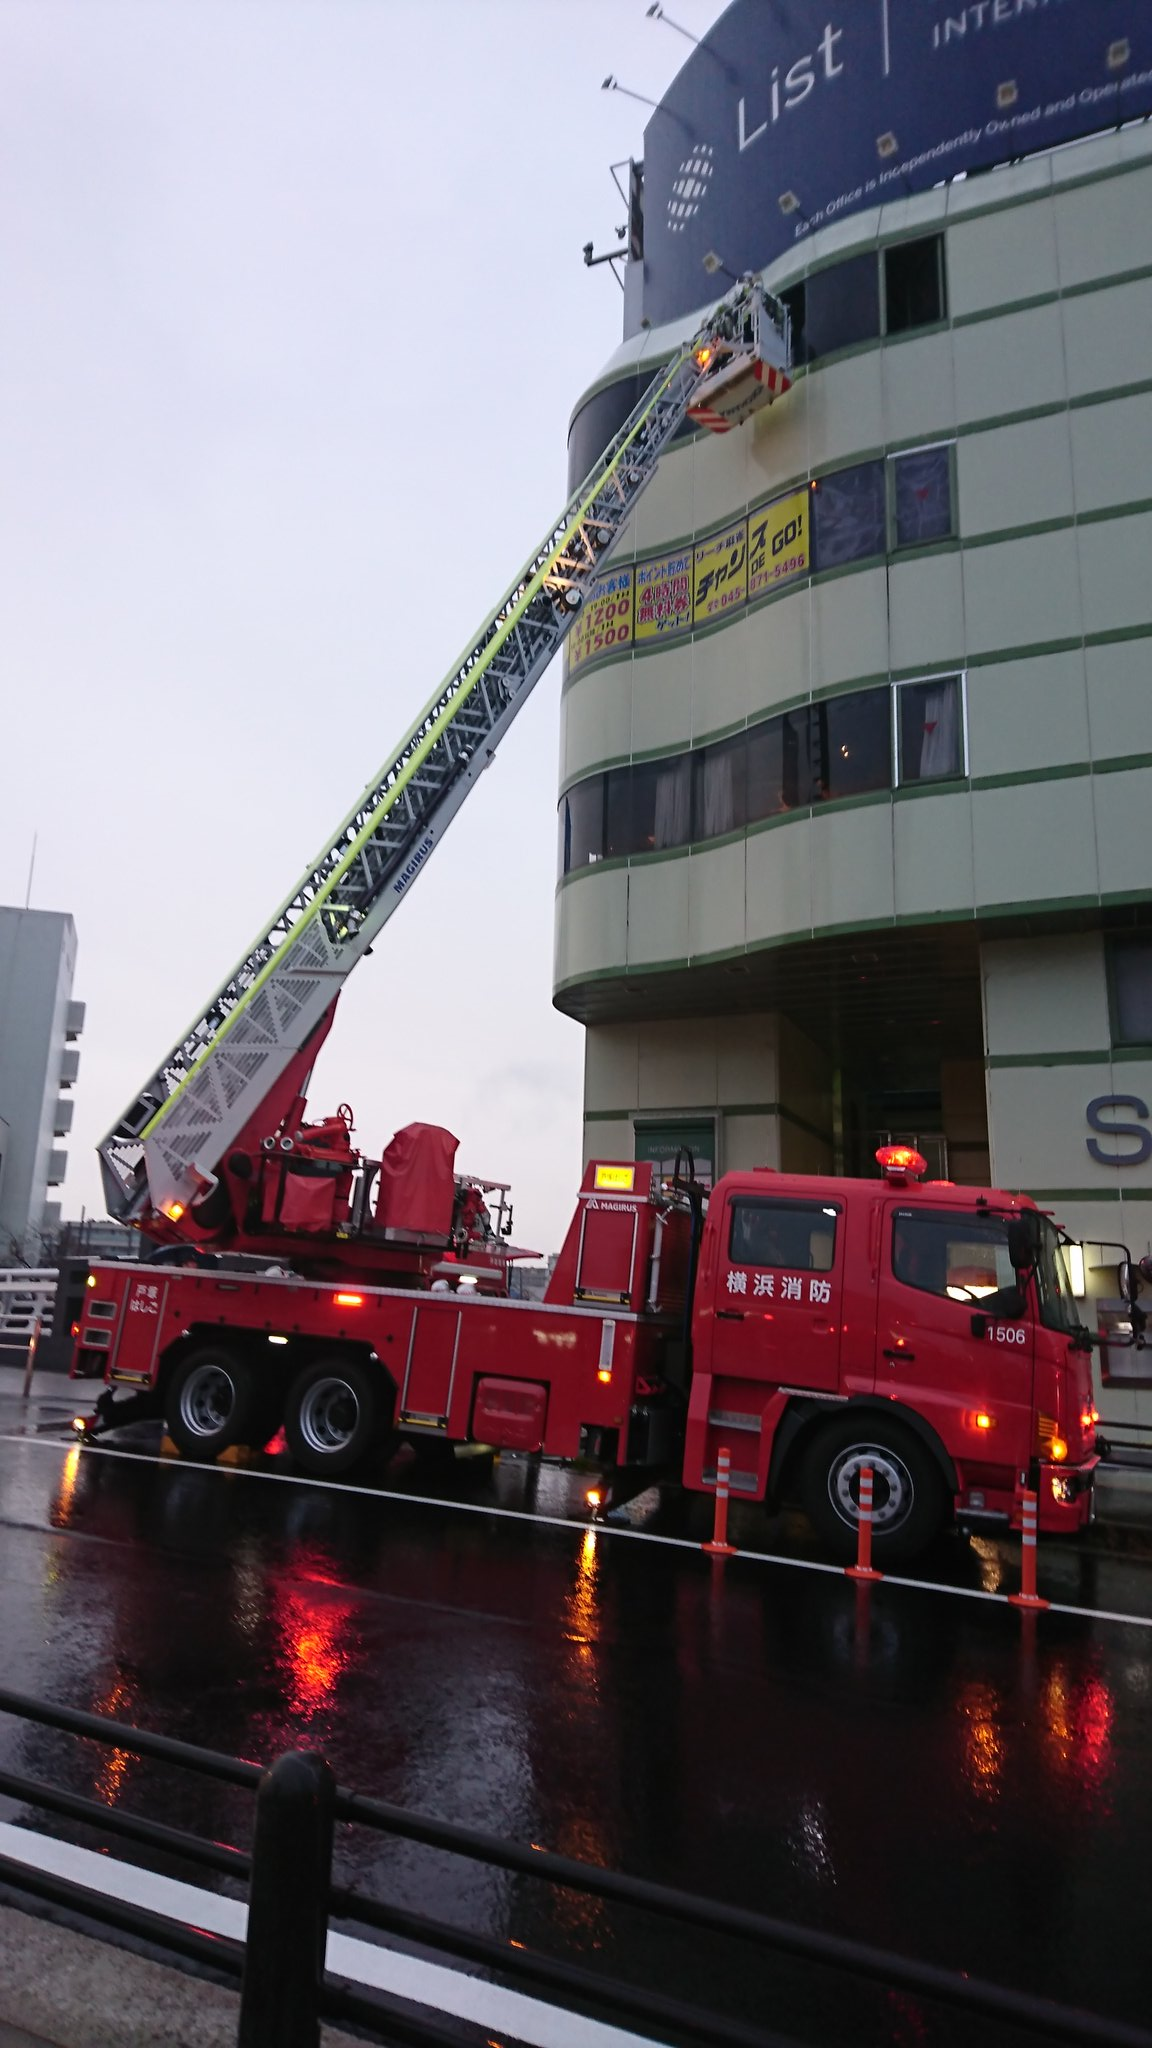 画像,戸塚駅前で火事、大渋滞でした https://t.co/EJDsn85iDl。